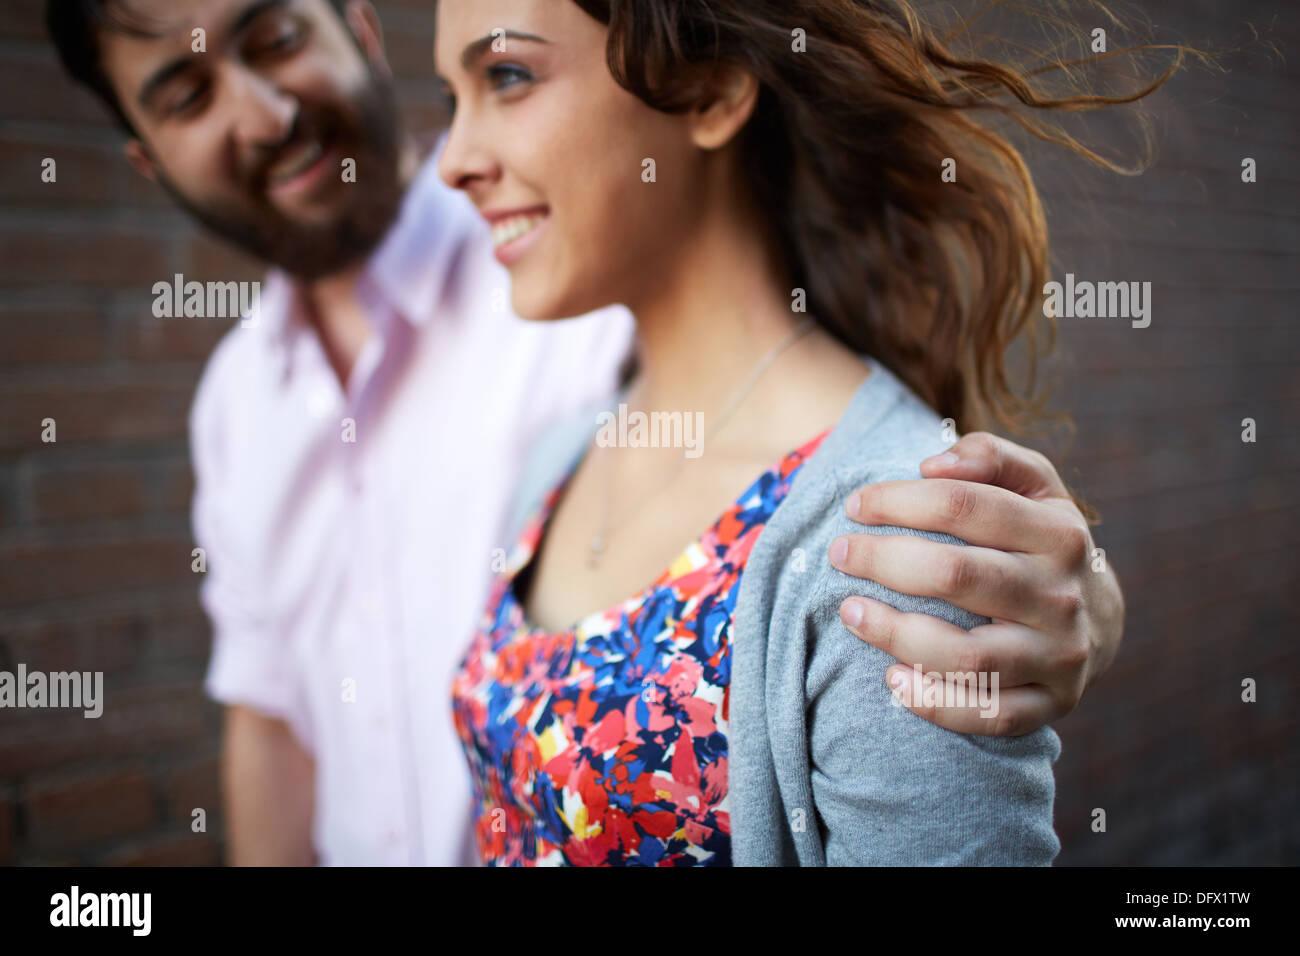 Guapo abrazando joven mientras caminaba en el exterior Imagen De Stock